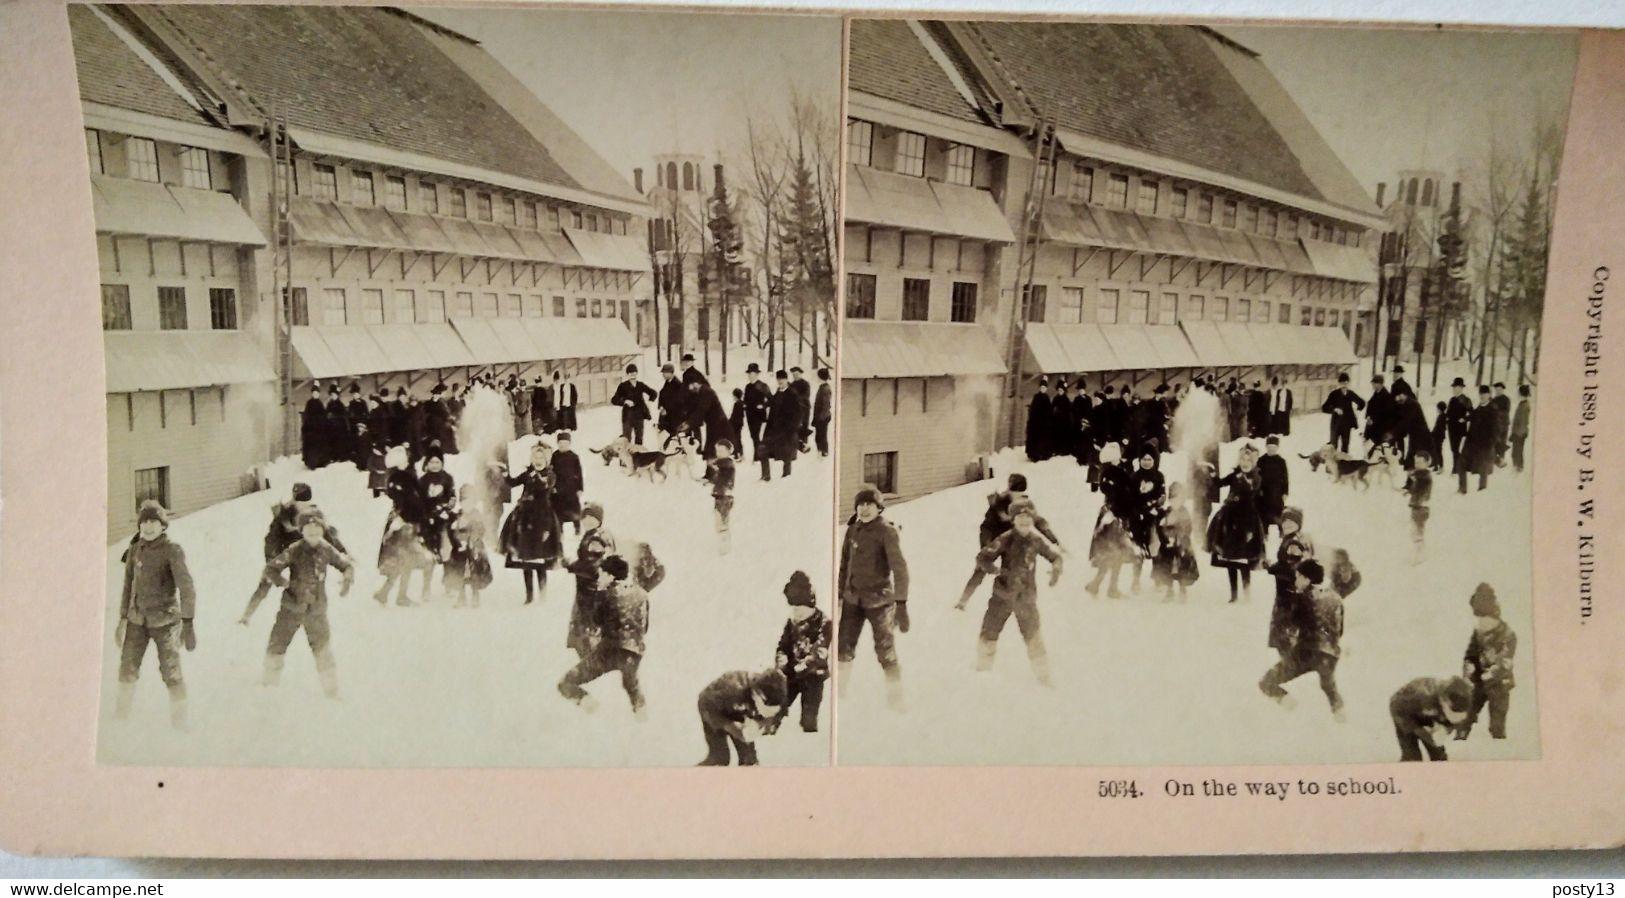 PHOTO STÉRÉO USA -  Jeux D'enfants Dans La Neige - Sur La Route De L'école - 1889 - Ed. Kilburn-T BE - Stereoscopio